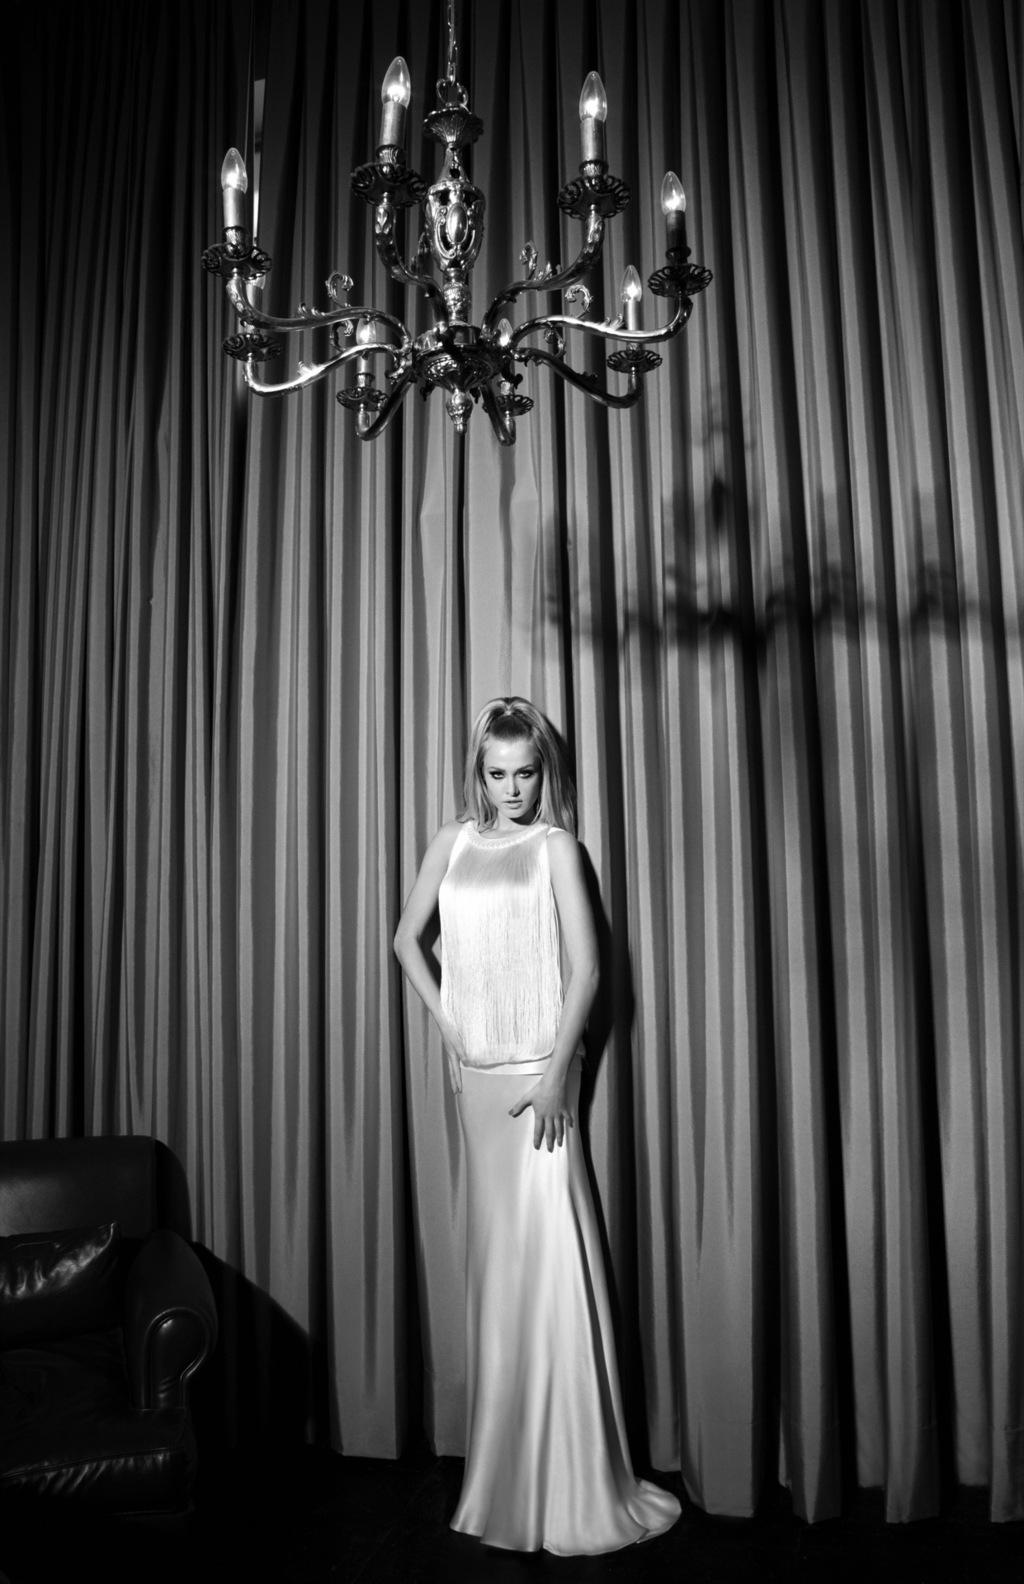 2013-wedding-dress-galia-lahav-bridal-dita.full